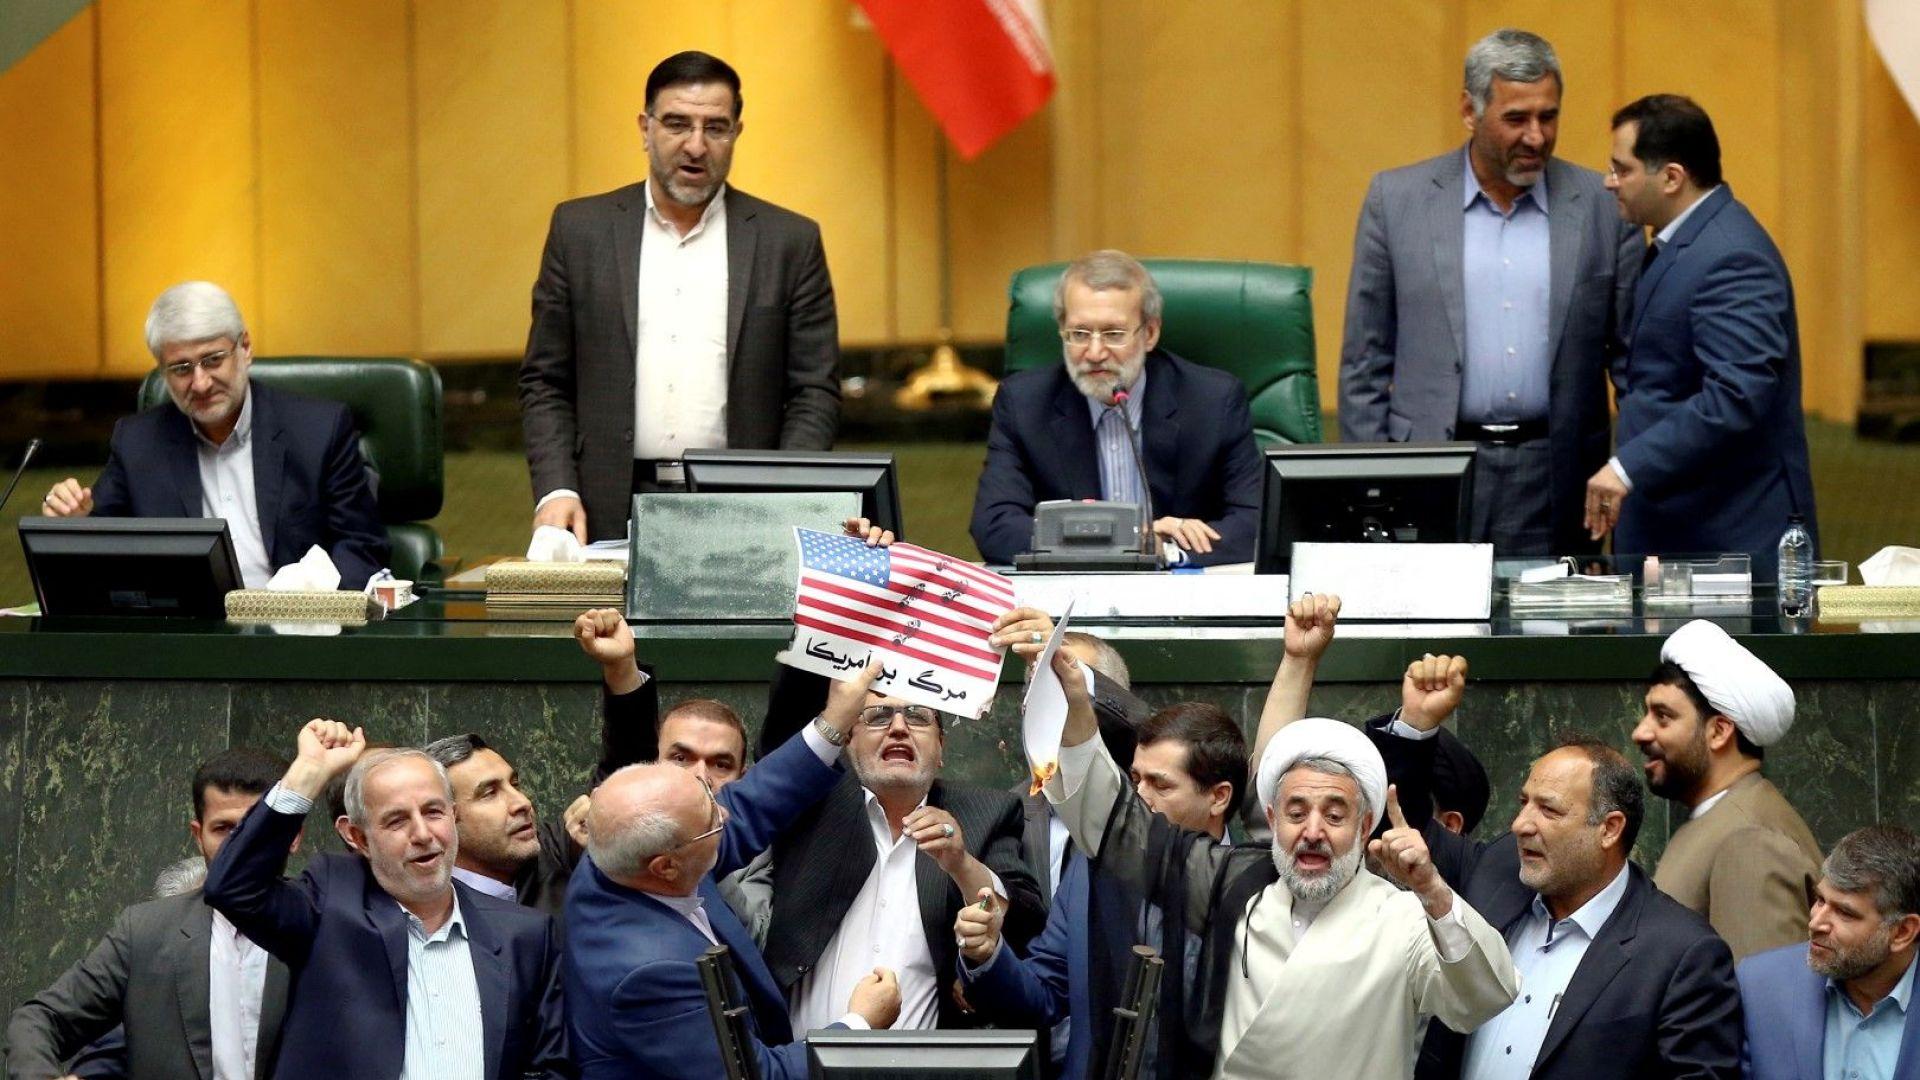 САЩ обявиха възстановяването на санкциите срещу Иран, 8 страни са освободени от тях